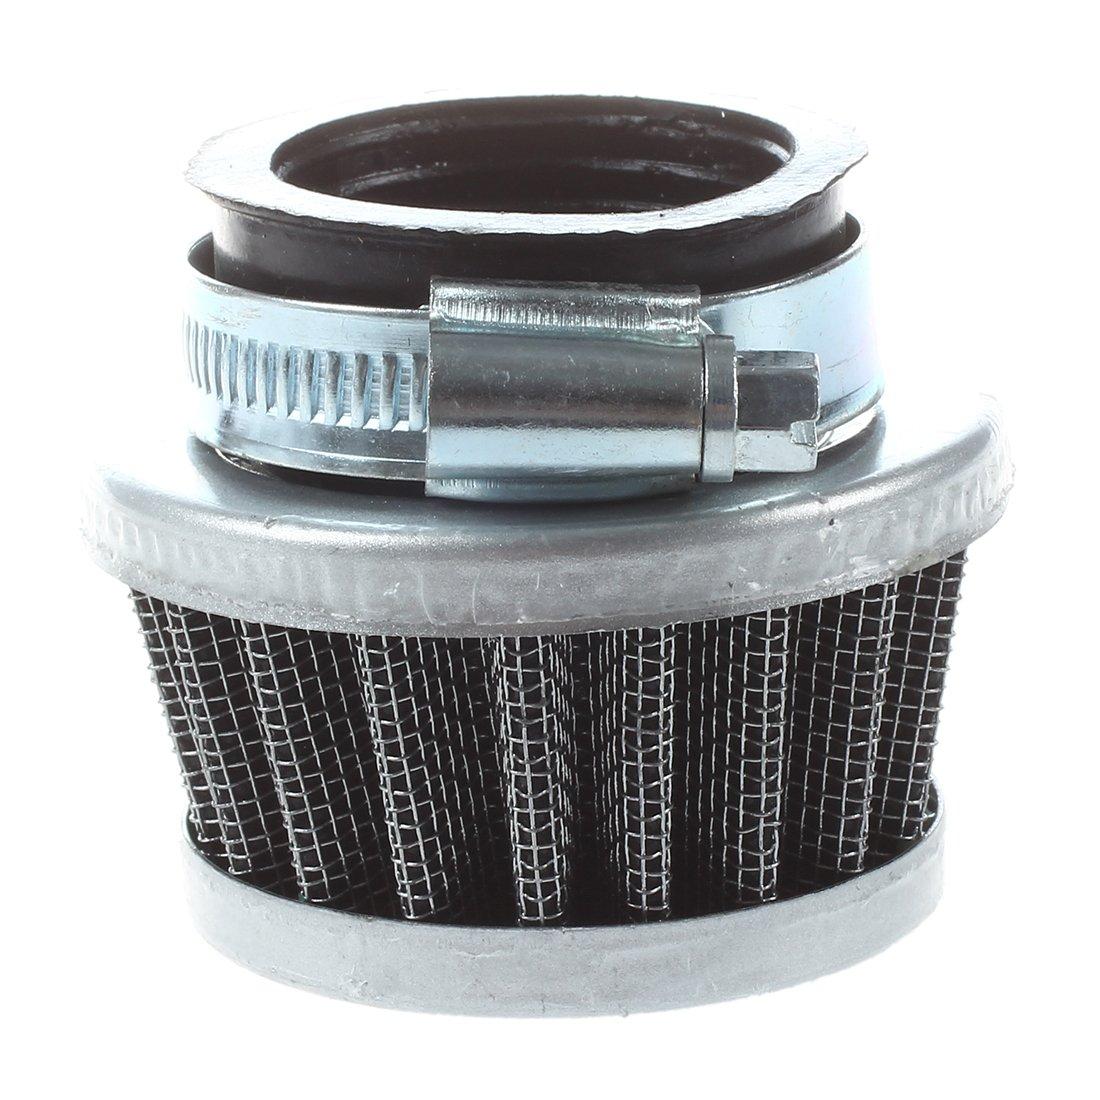 Filtre a air - SODIAL(R) 35mm Filtre a air Nettoyeur Pour 110-125CC VTT Quad Dirt Pit Bike Go Kart 062206